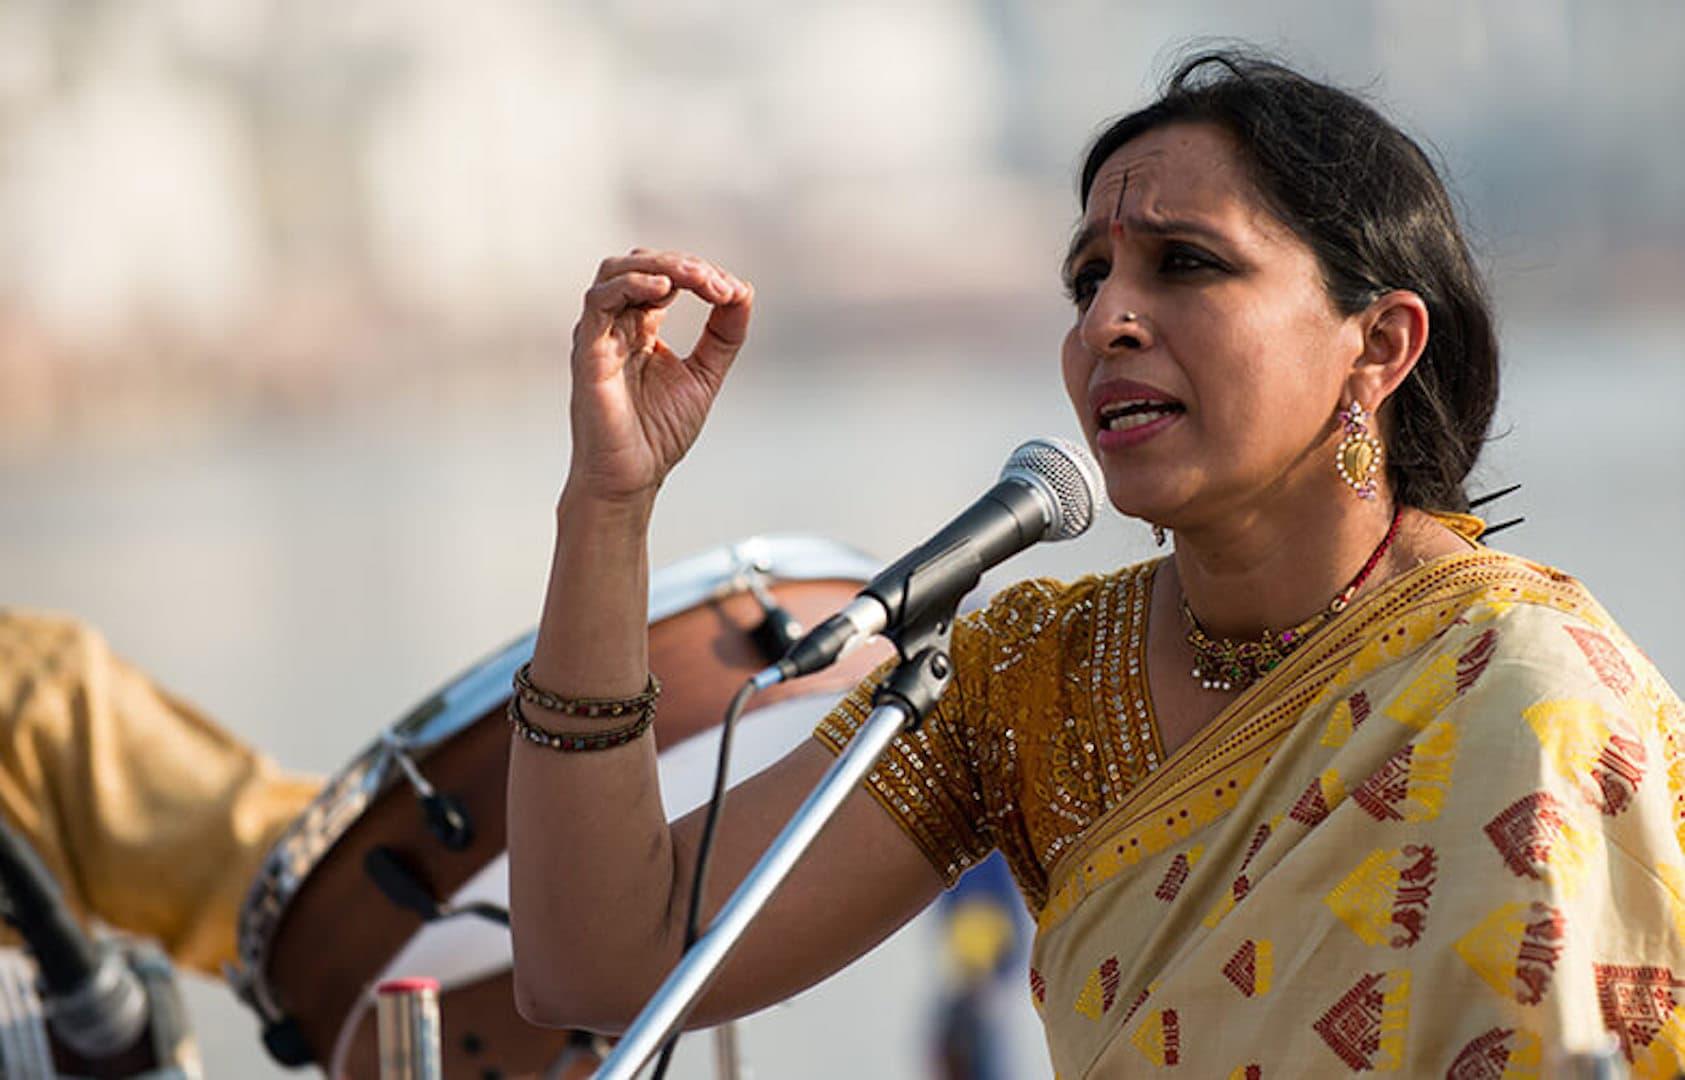 Vidya Shah at Jaipur Lit Fest 2019